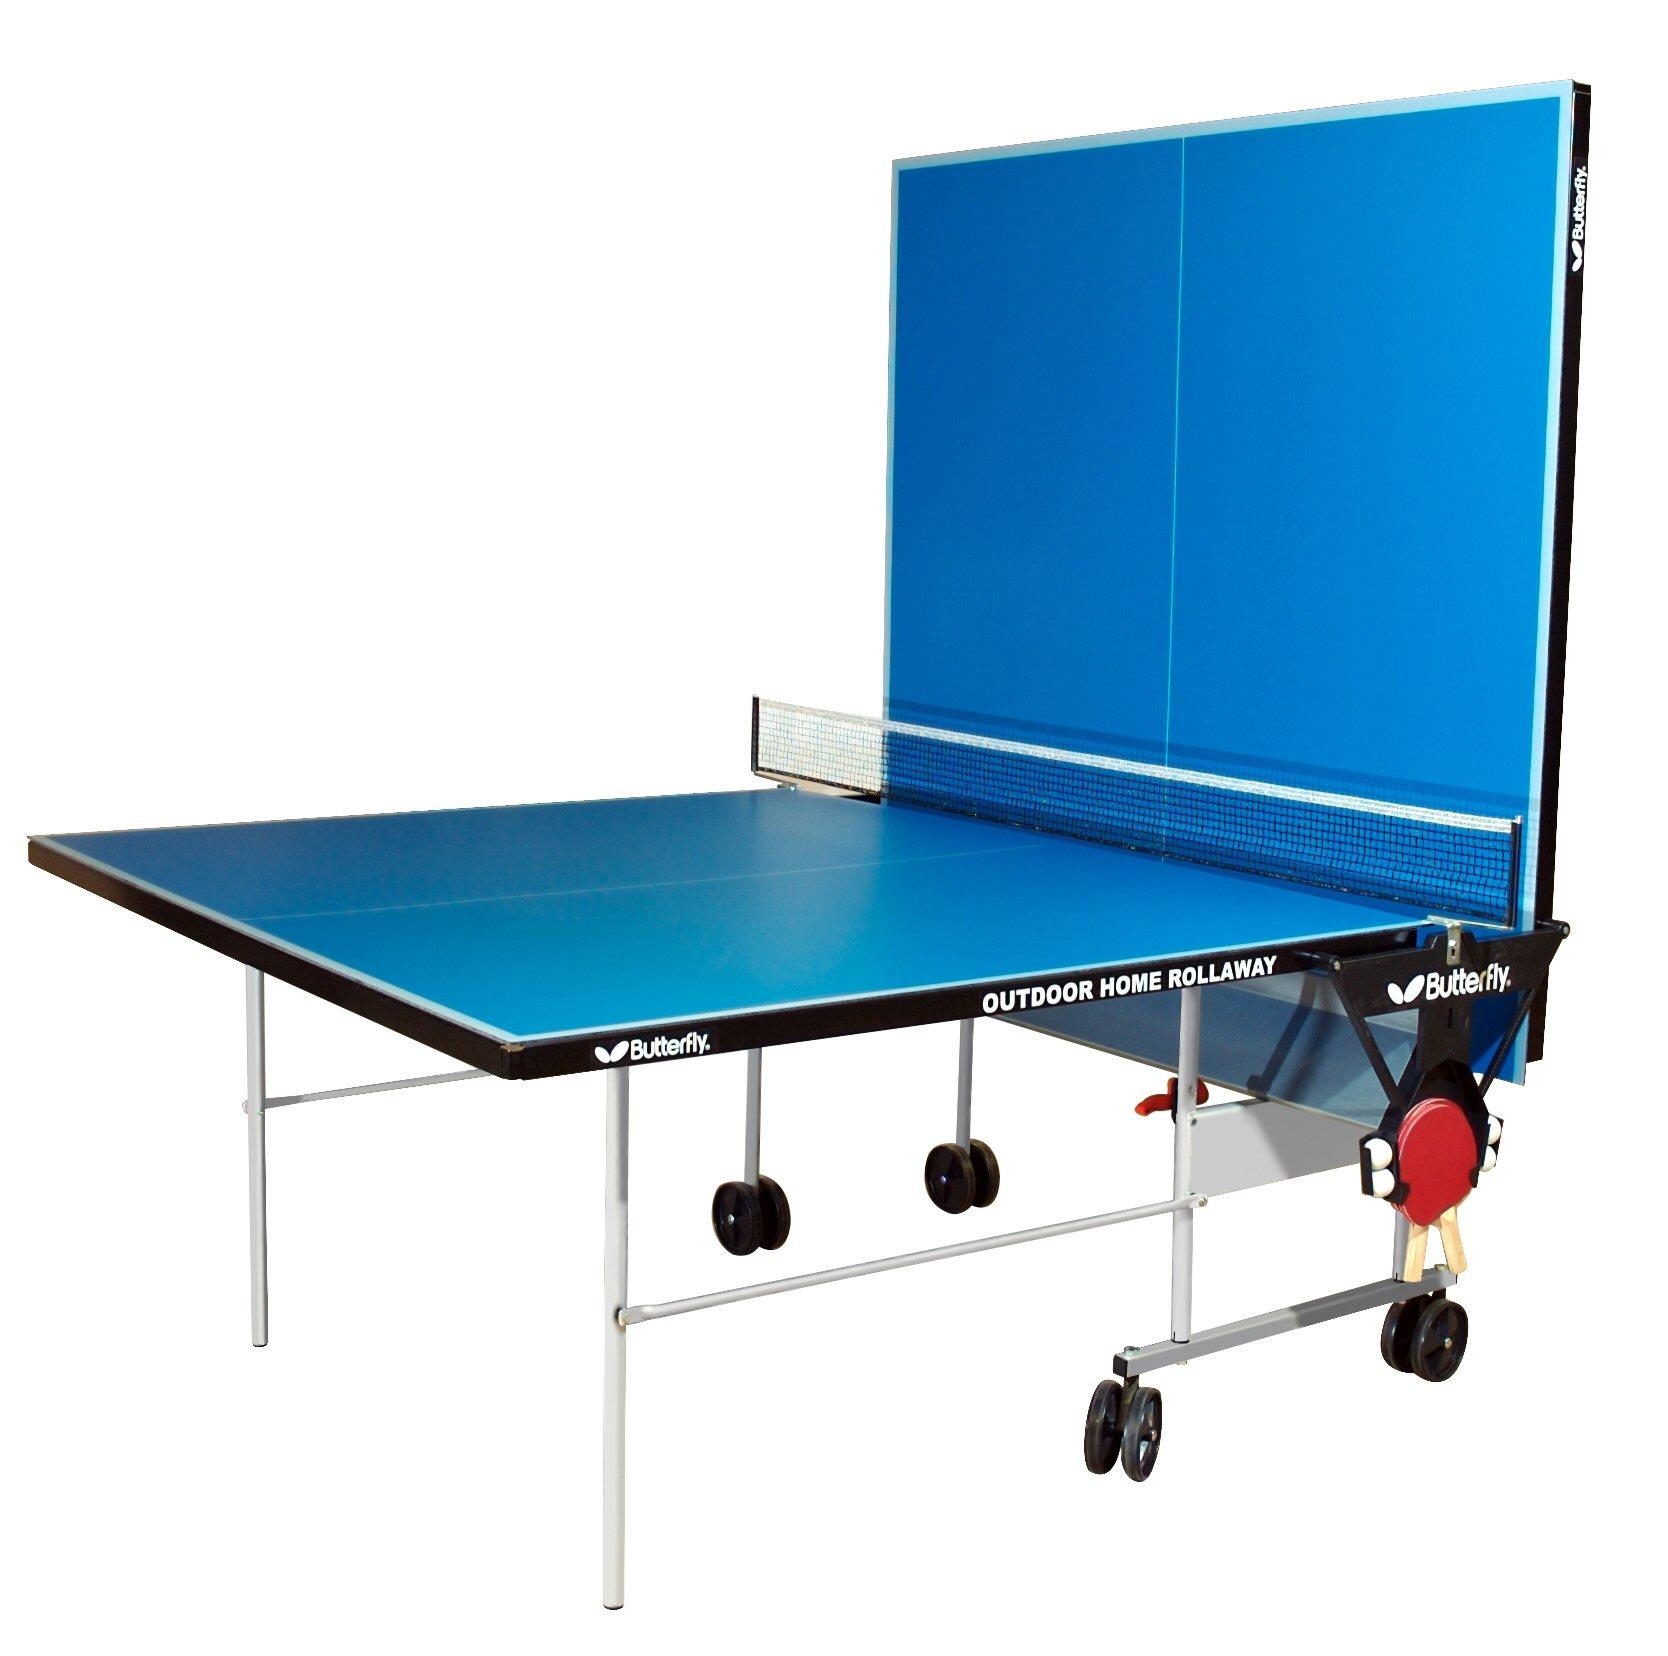 Advice On Choosing A Table Tennis Table